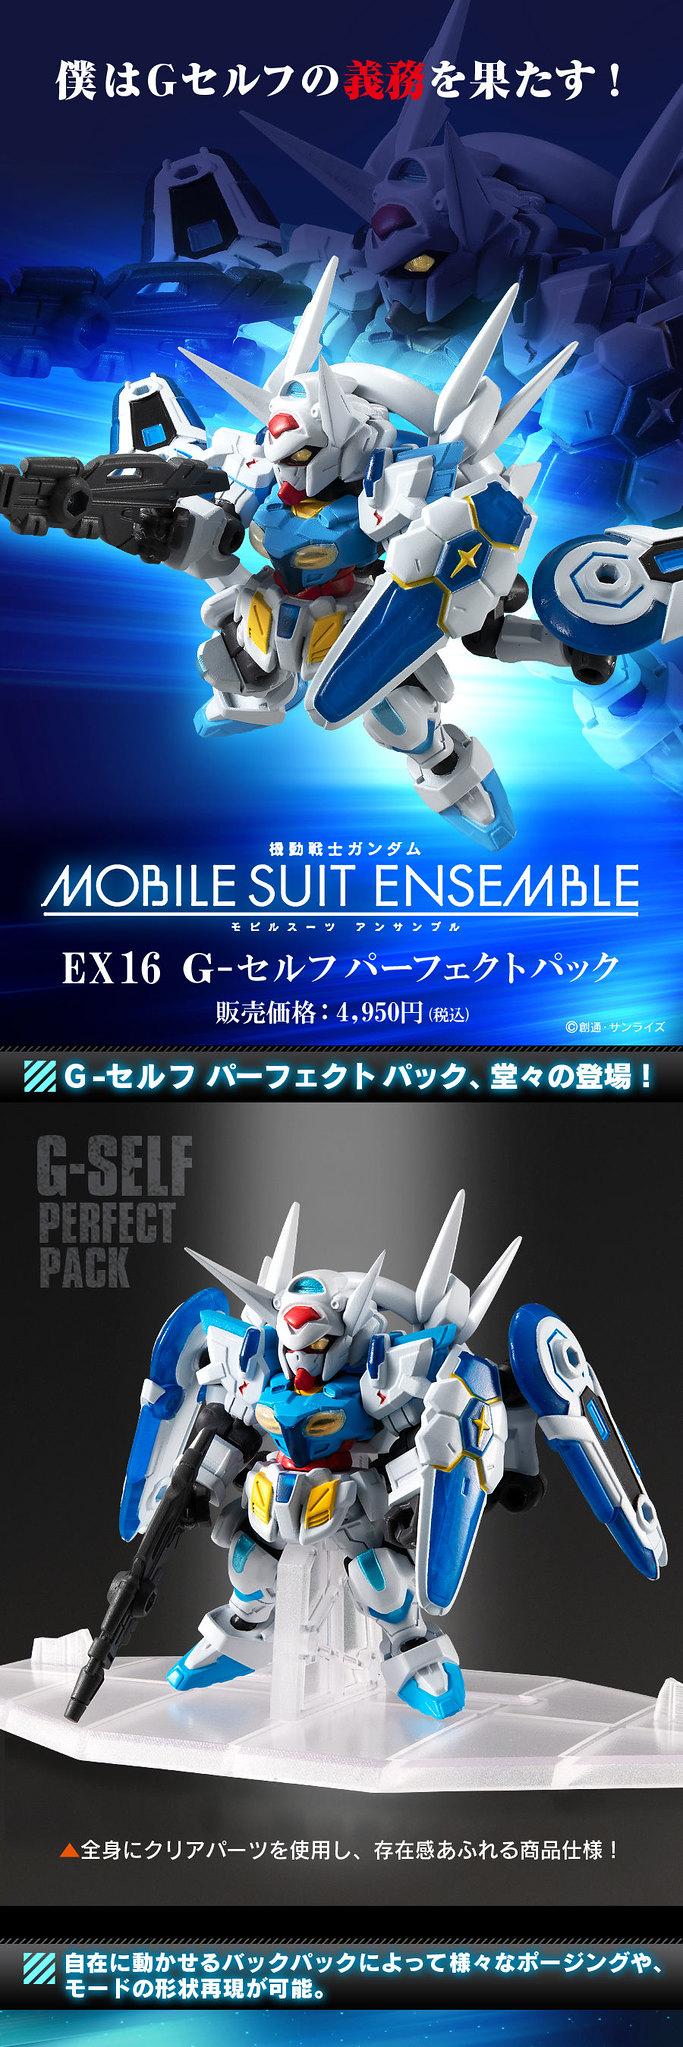 所有機能集於一身!MOBILE SUIT ENSEMBLE《鋼彈 Reconguista in G》EX16 G-SELF 完全背包裝備型(G-セルフパーフェクトパック)【PB限定】